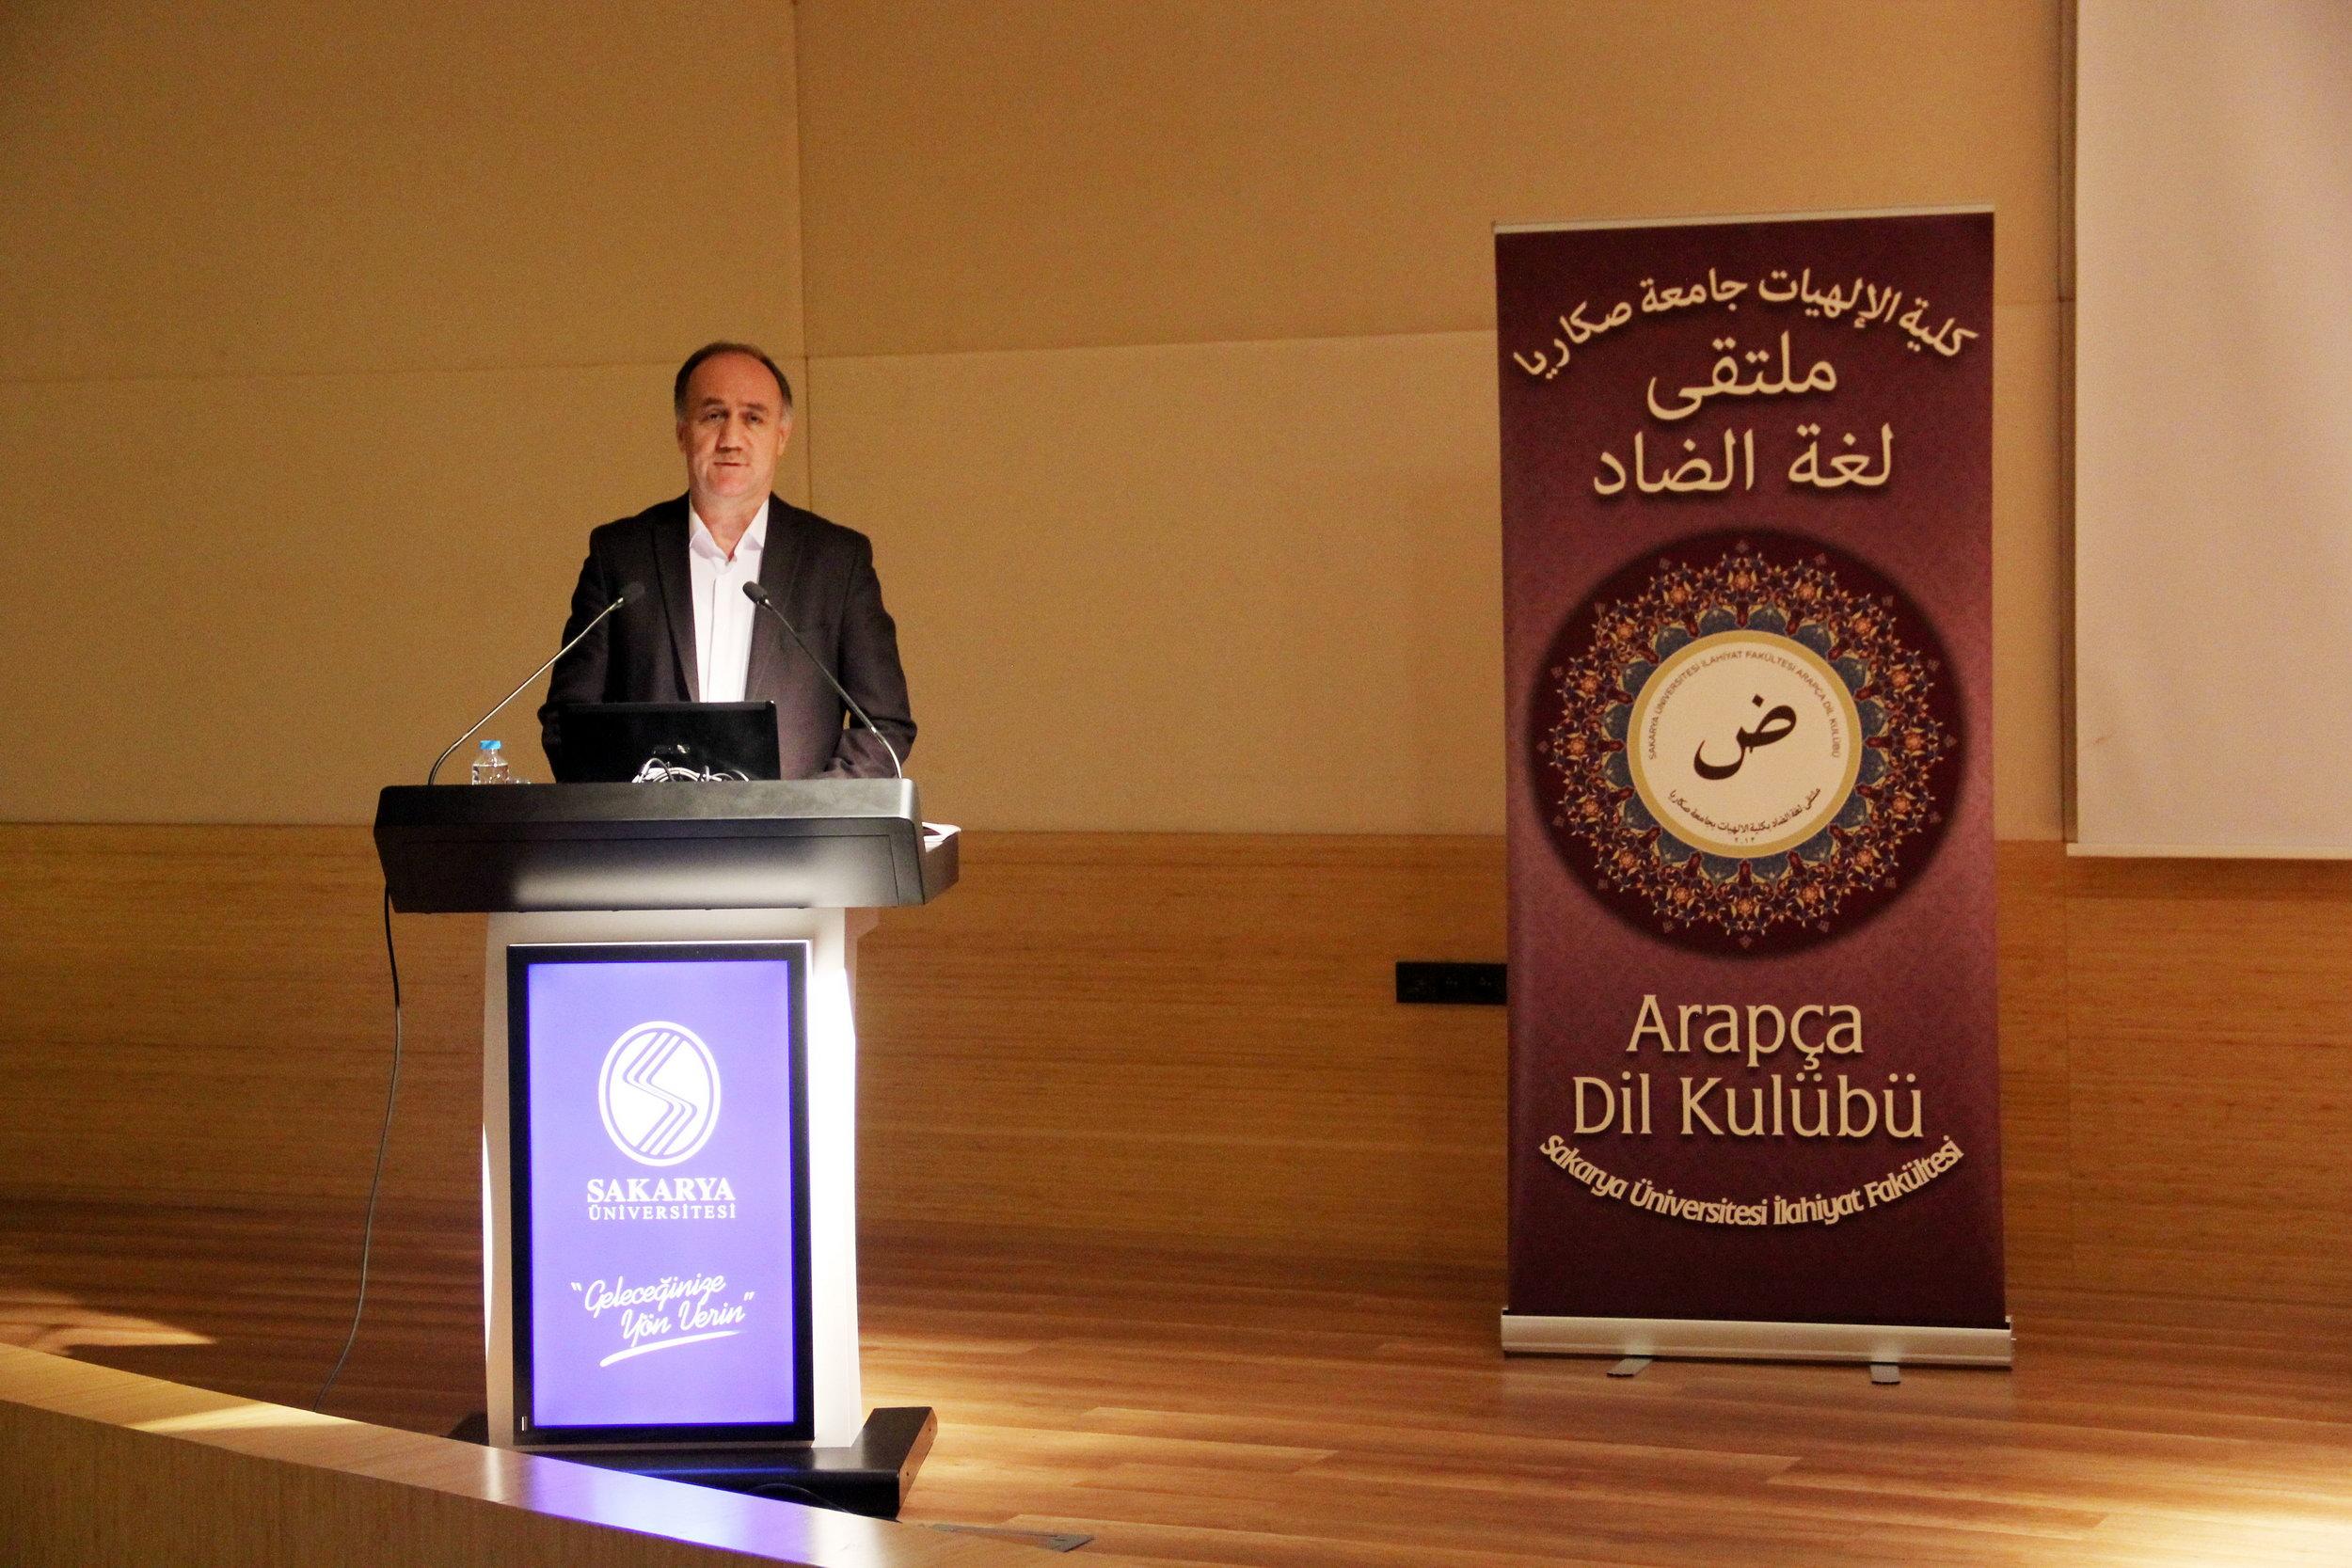 İlahiyat Fakültesi'nde Dünya Arapça Günü Etkinliği